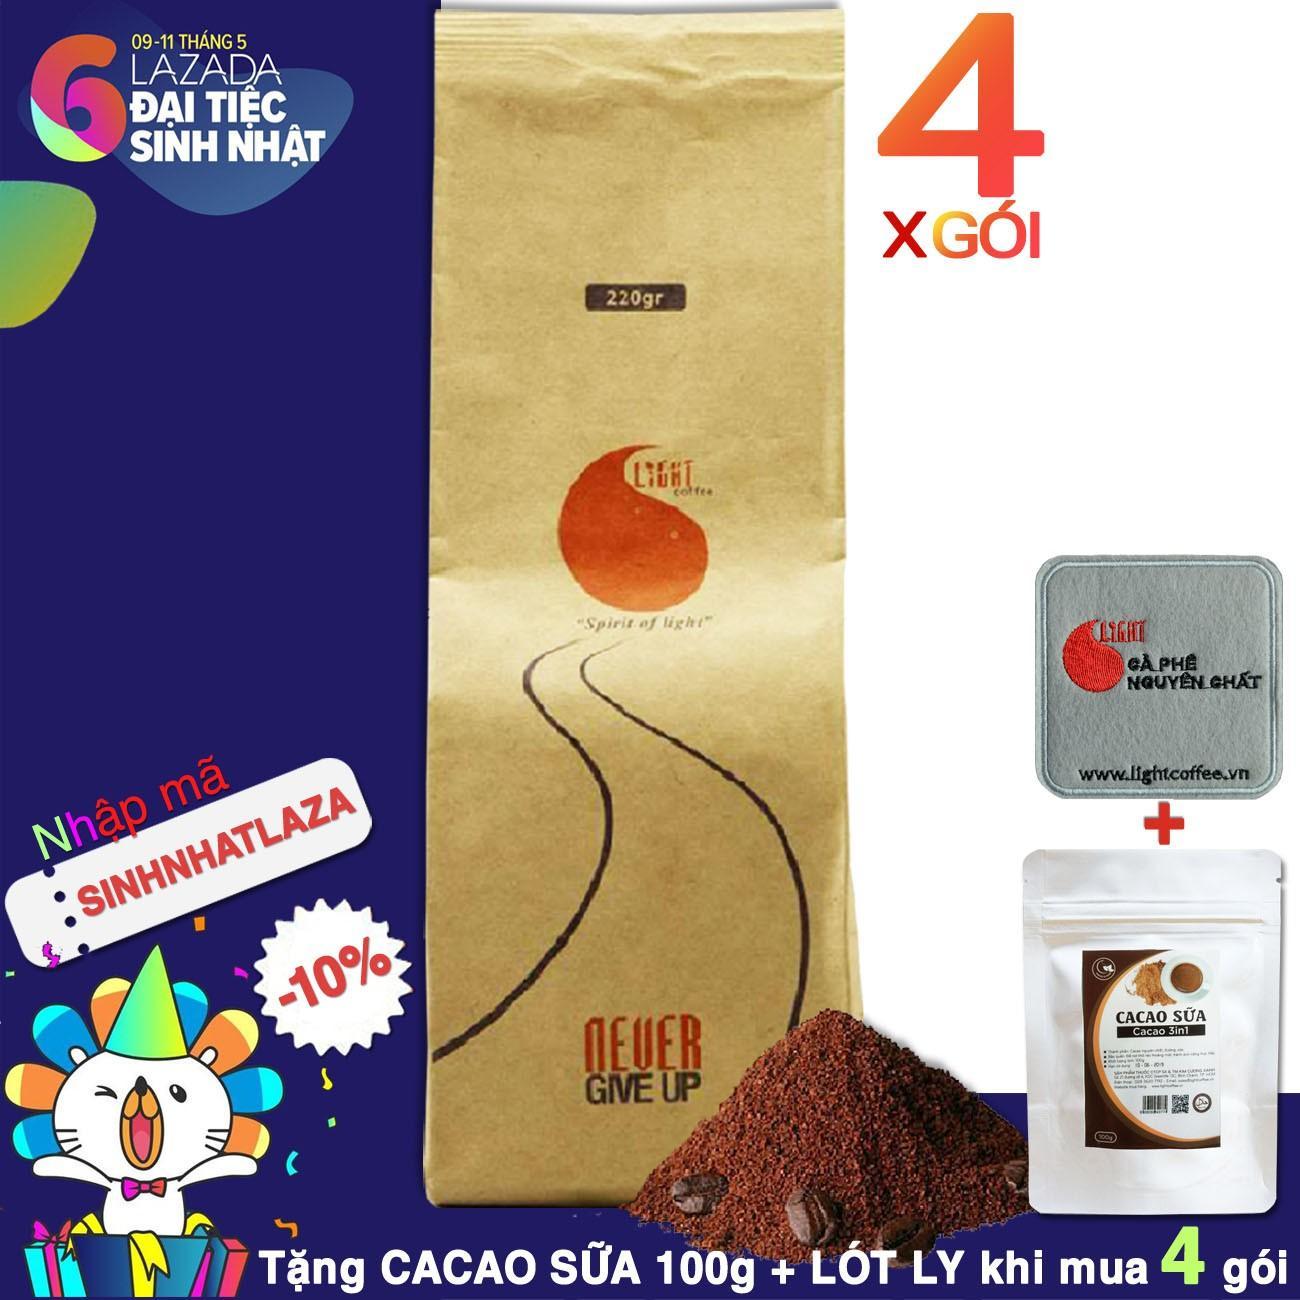 Ôn Tập 4 Goi Ca Phe Bột Nguyen Chất 100 Light Coffee 220Gr Light Coffee